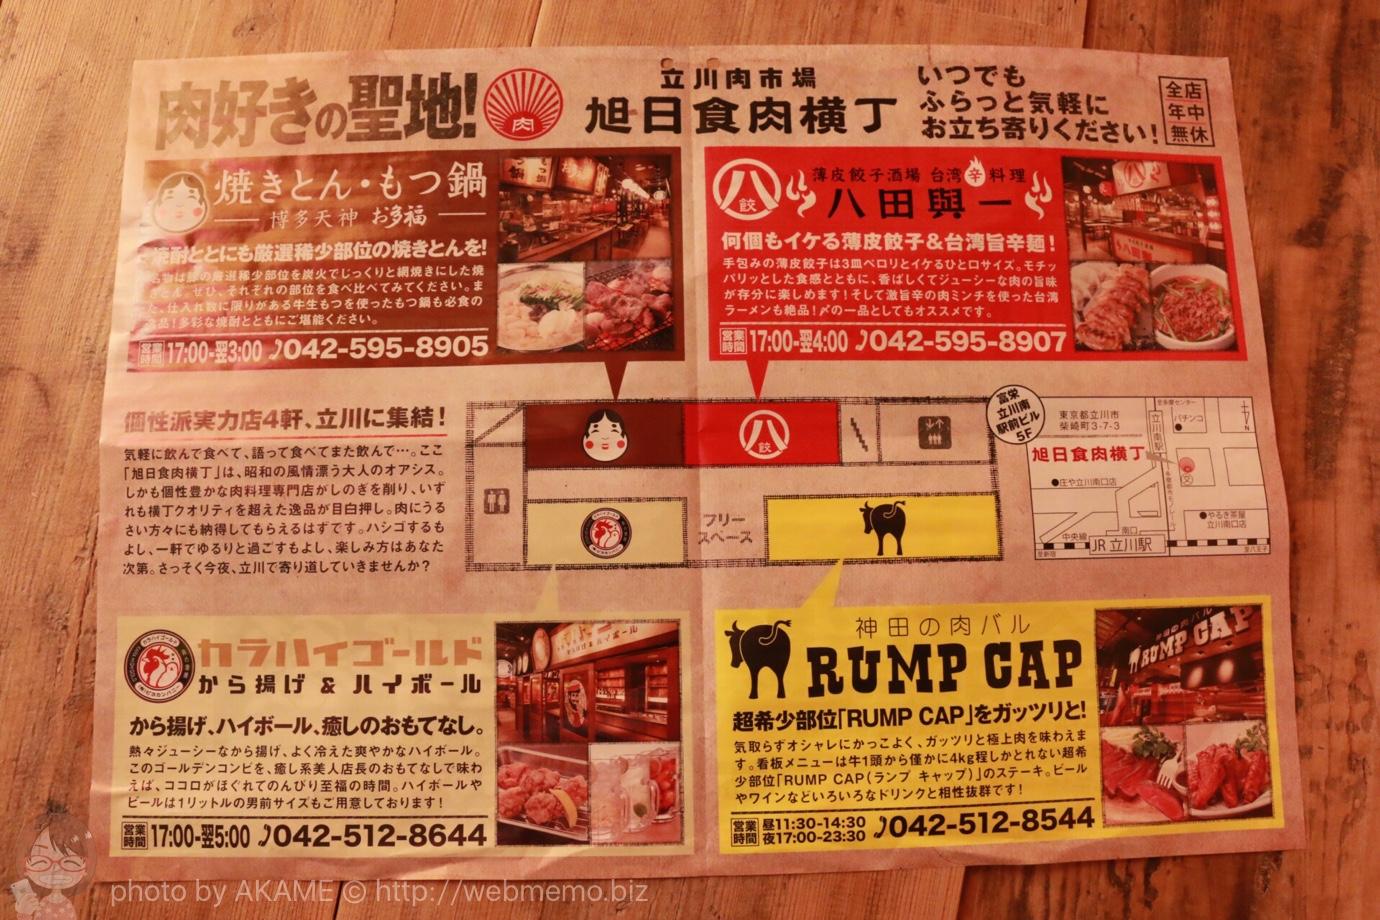 旭日食肉横丁のフロアマップ